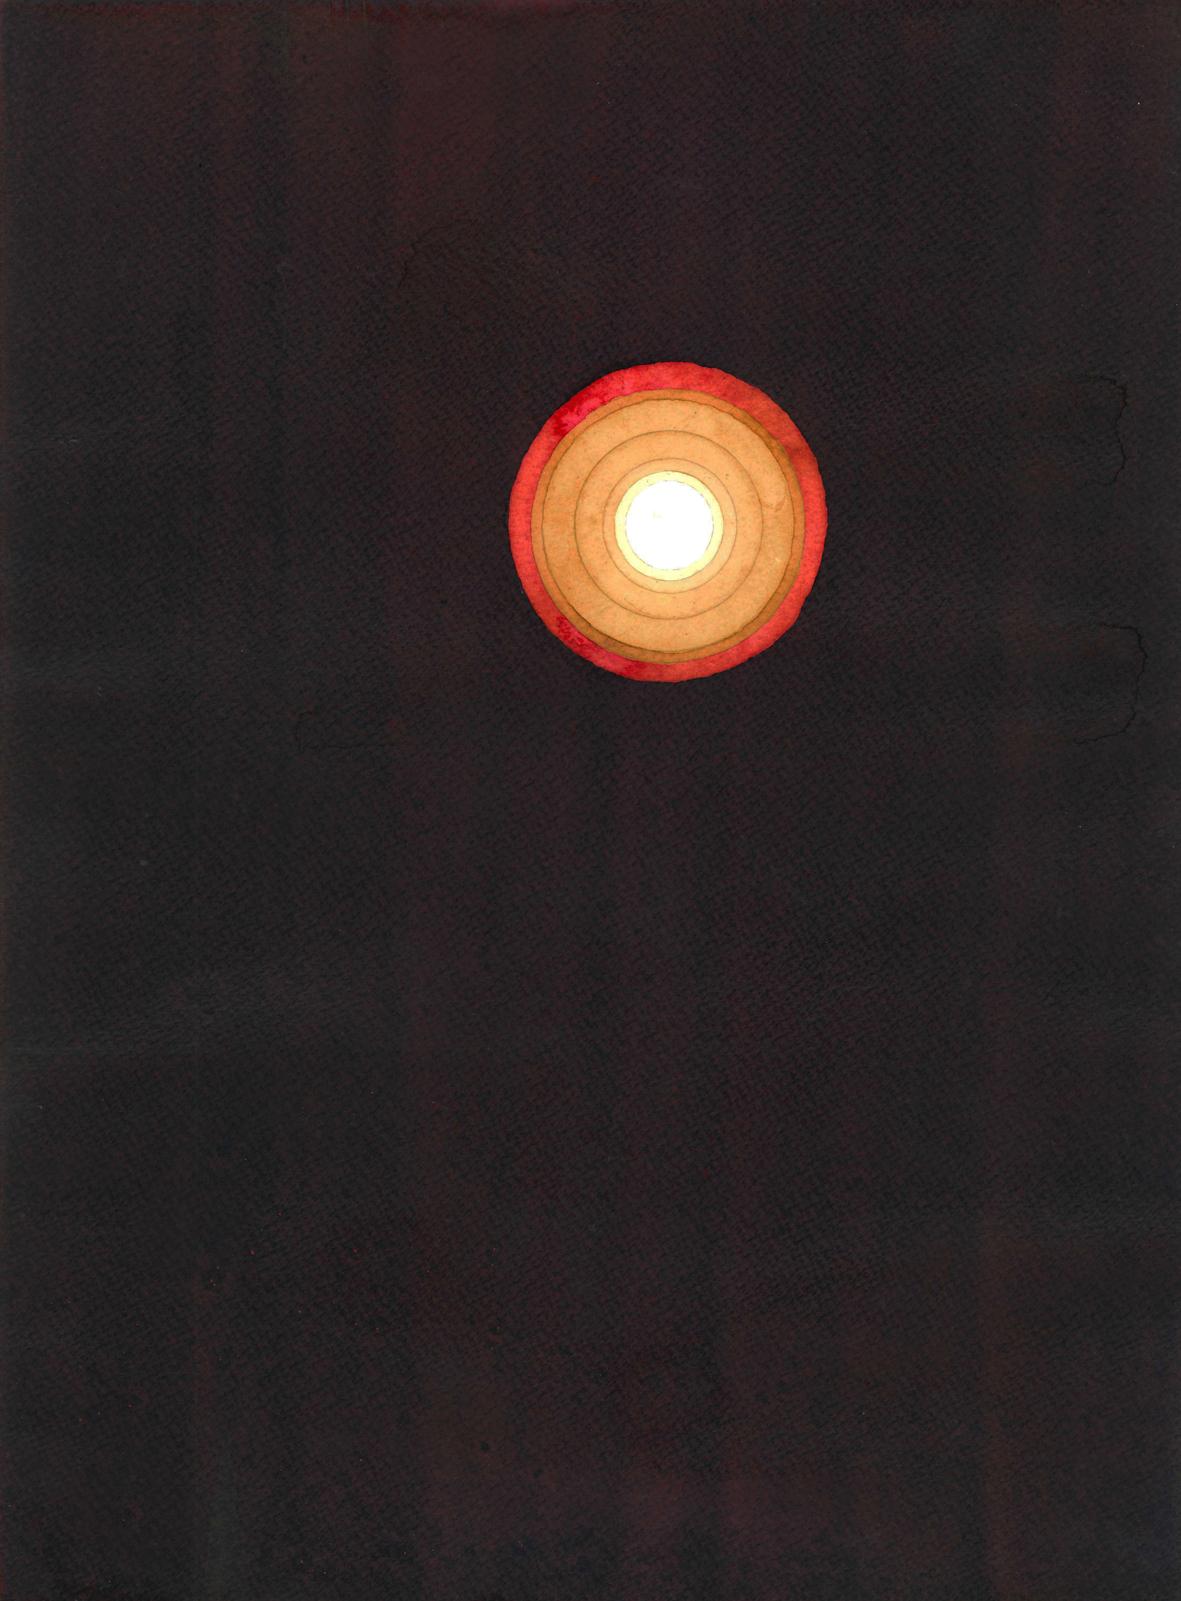 Lonestar (sepia hot pink scarlet)